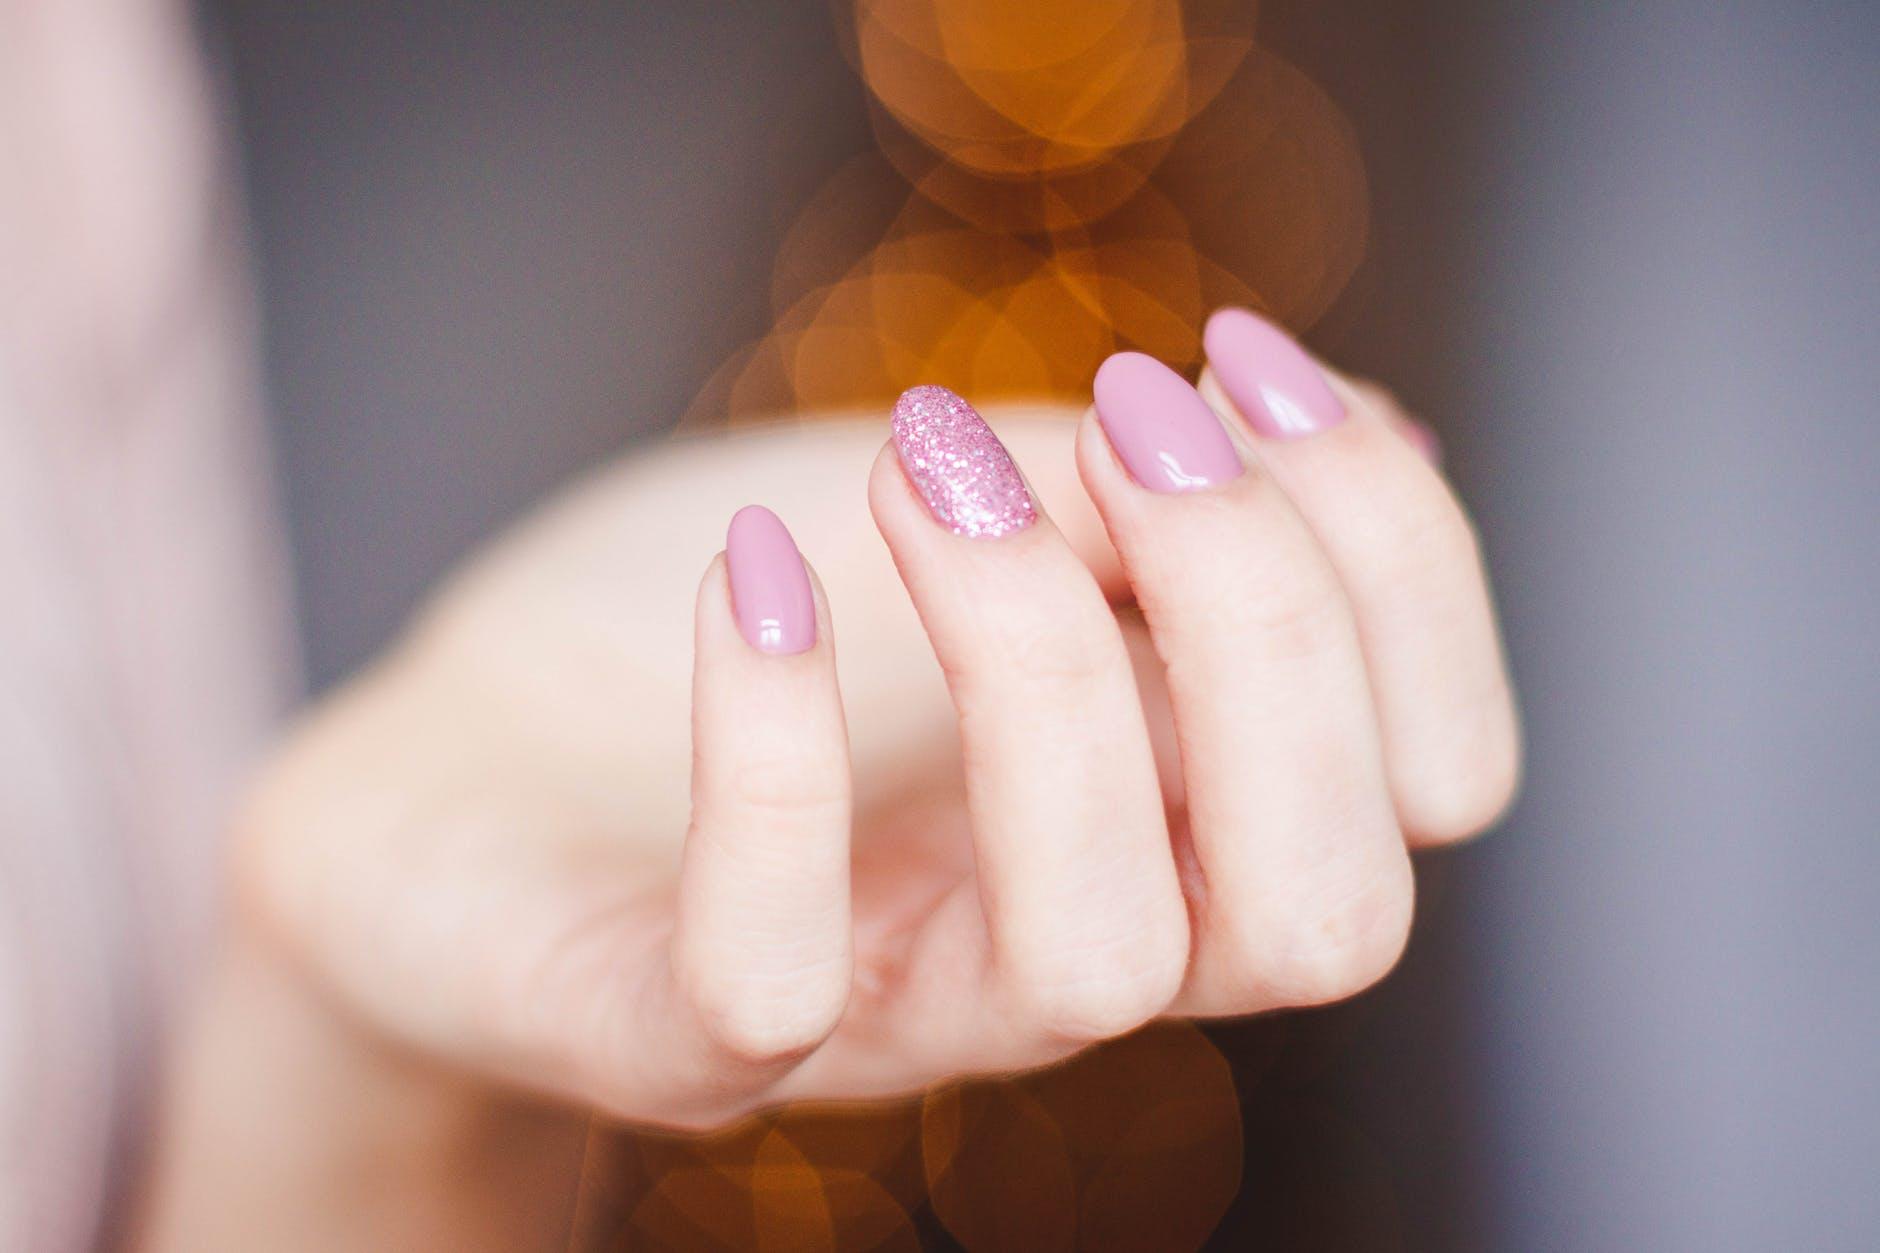 Manicure til forhindring af neglebidning